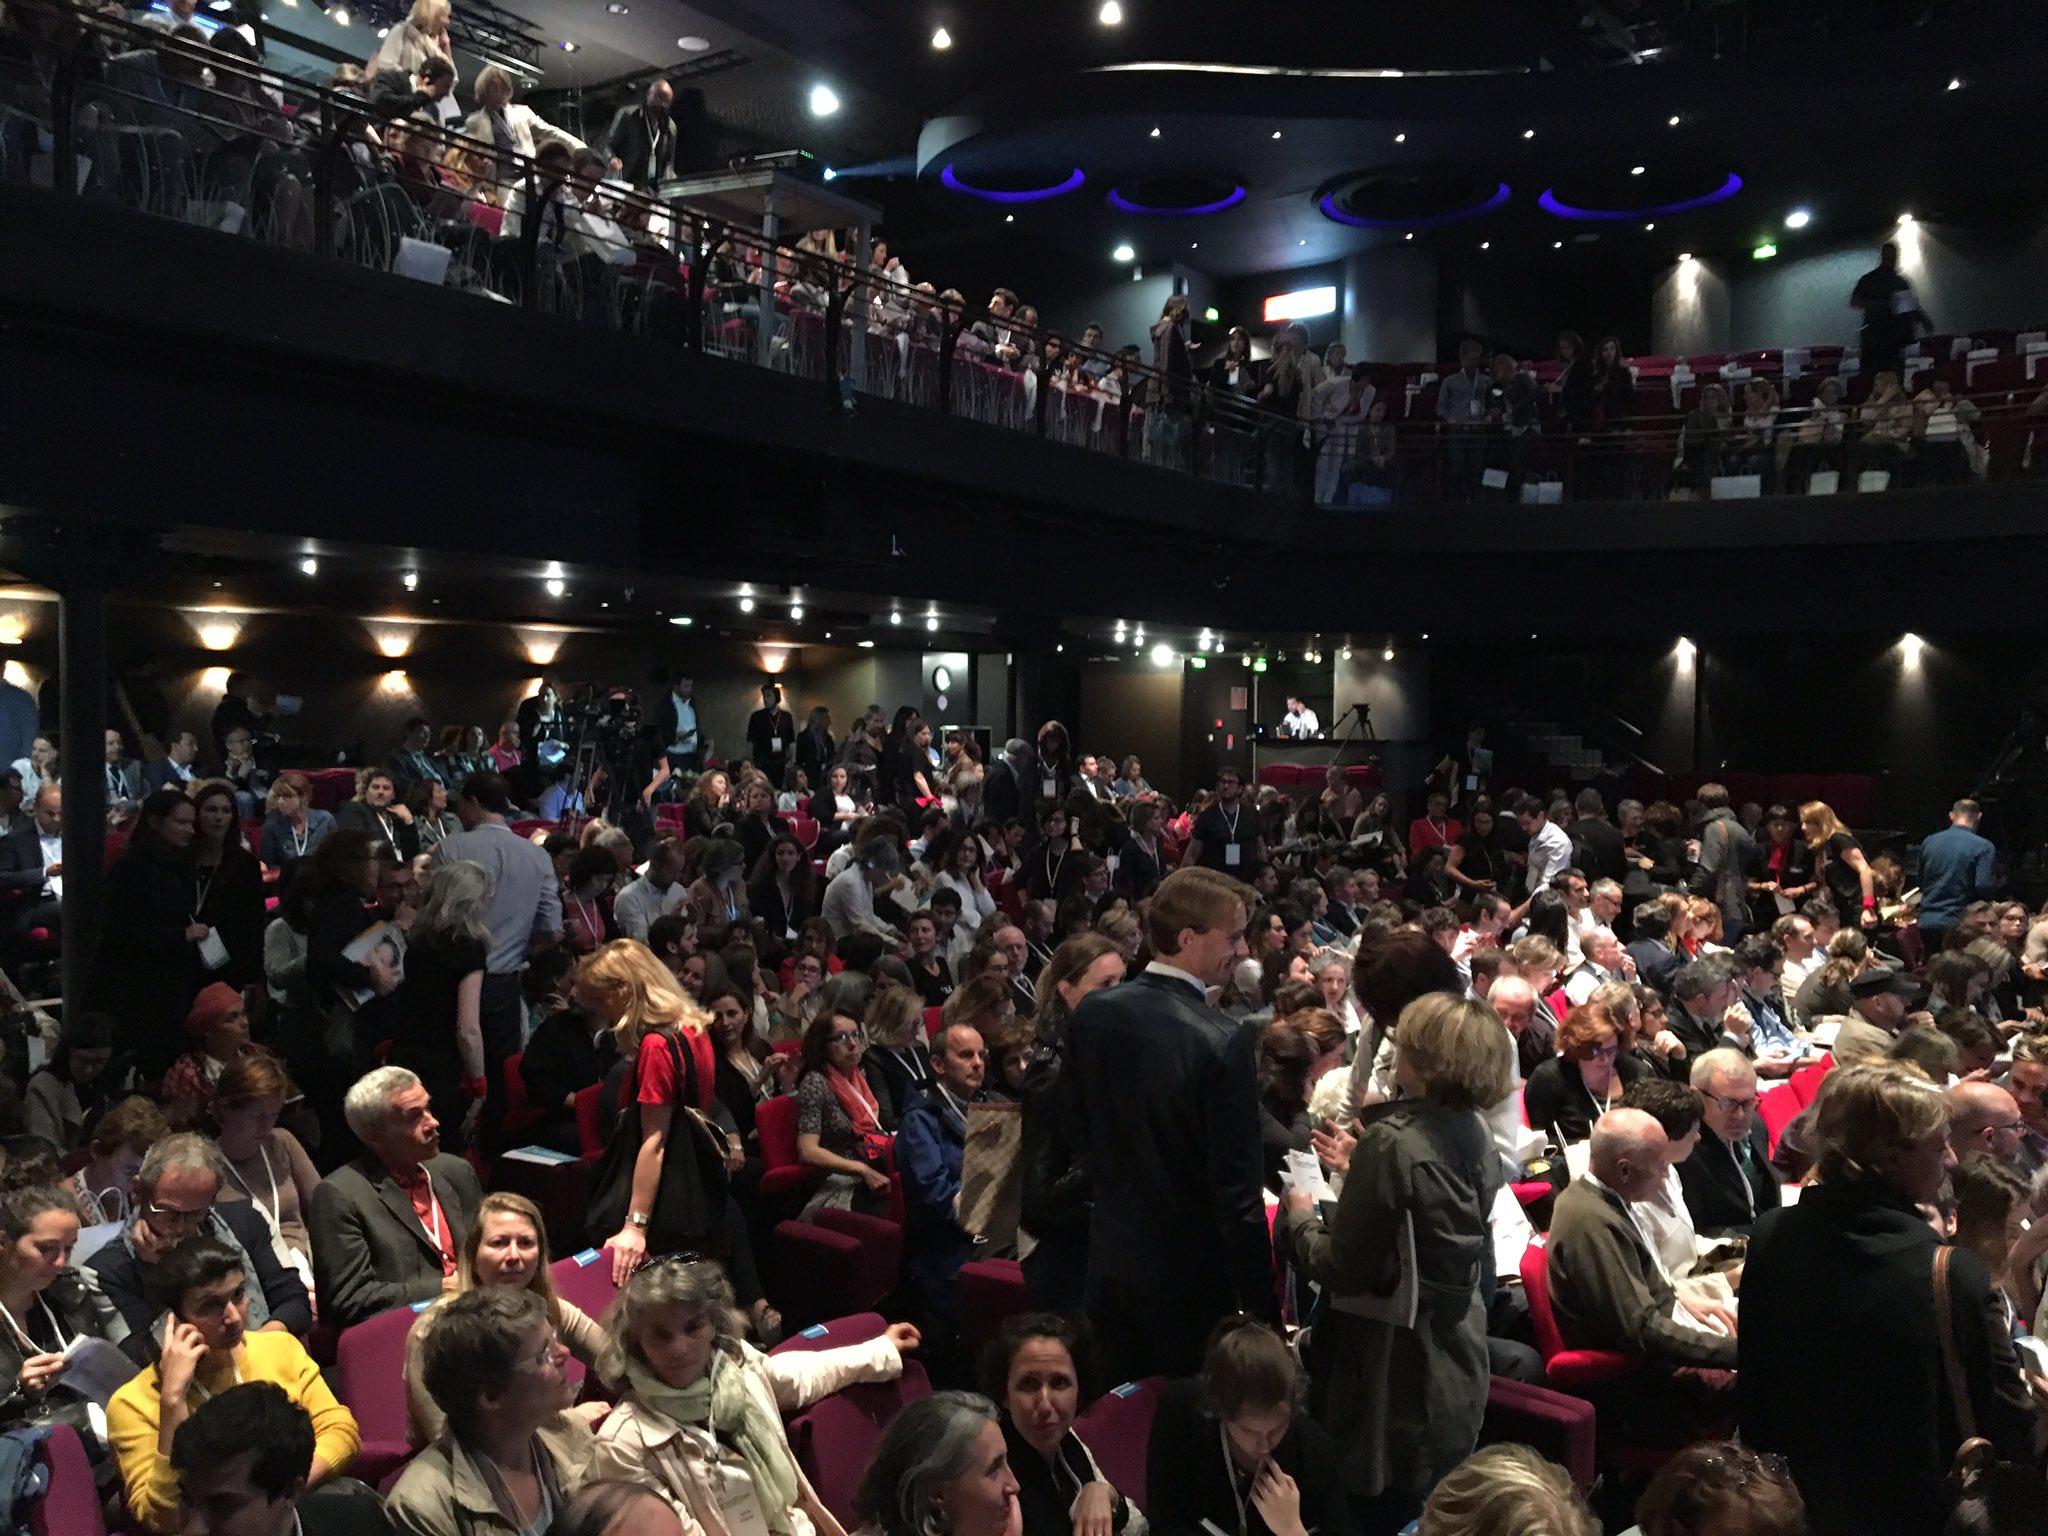 Beaucoup de monde ce soir, la salle est comble #TEDxVR @TEDxVaugirard https://t.co/ZSDHL5fP8G